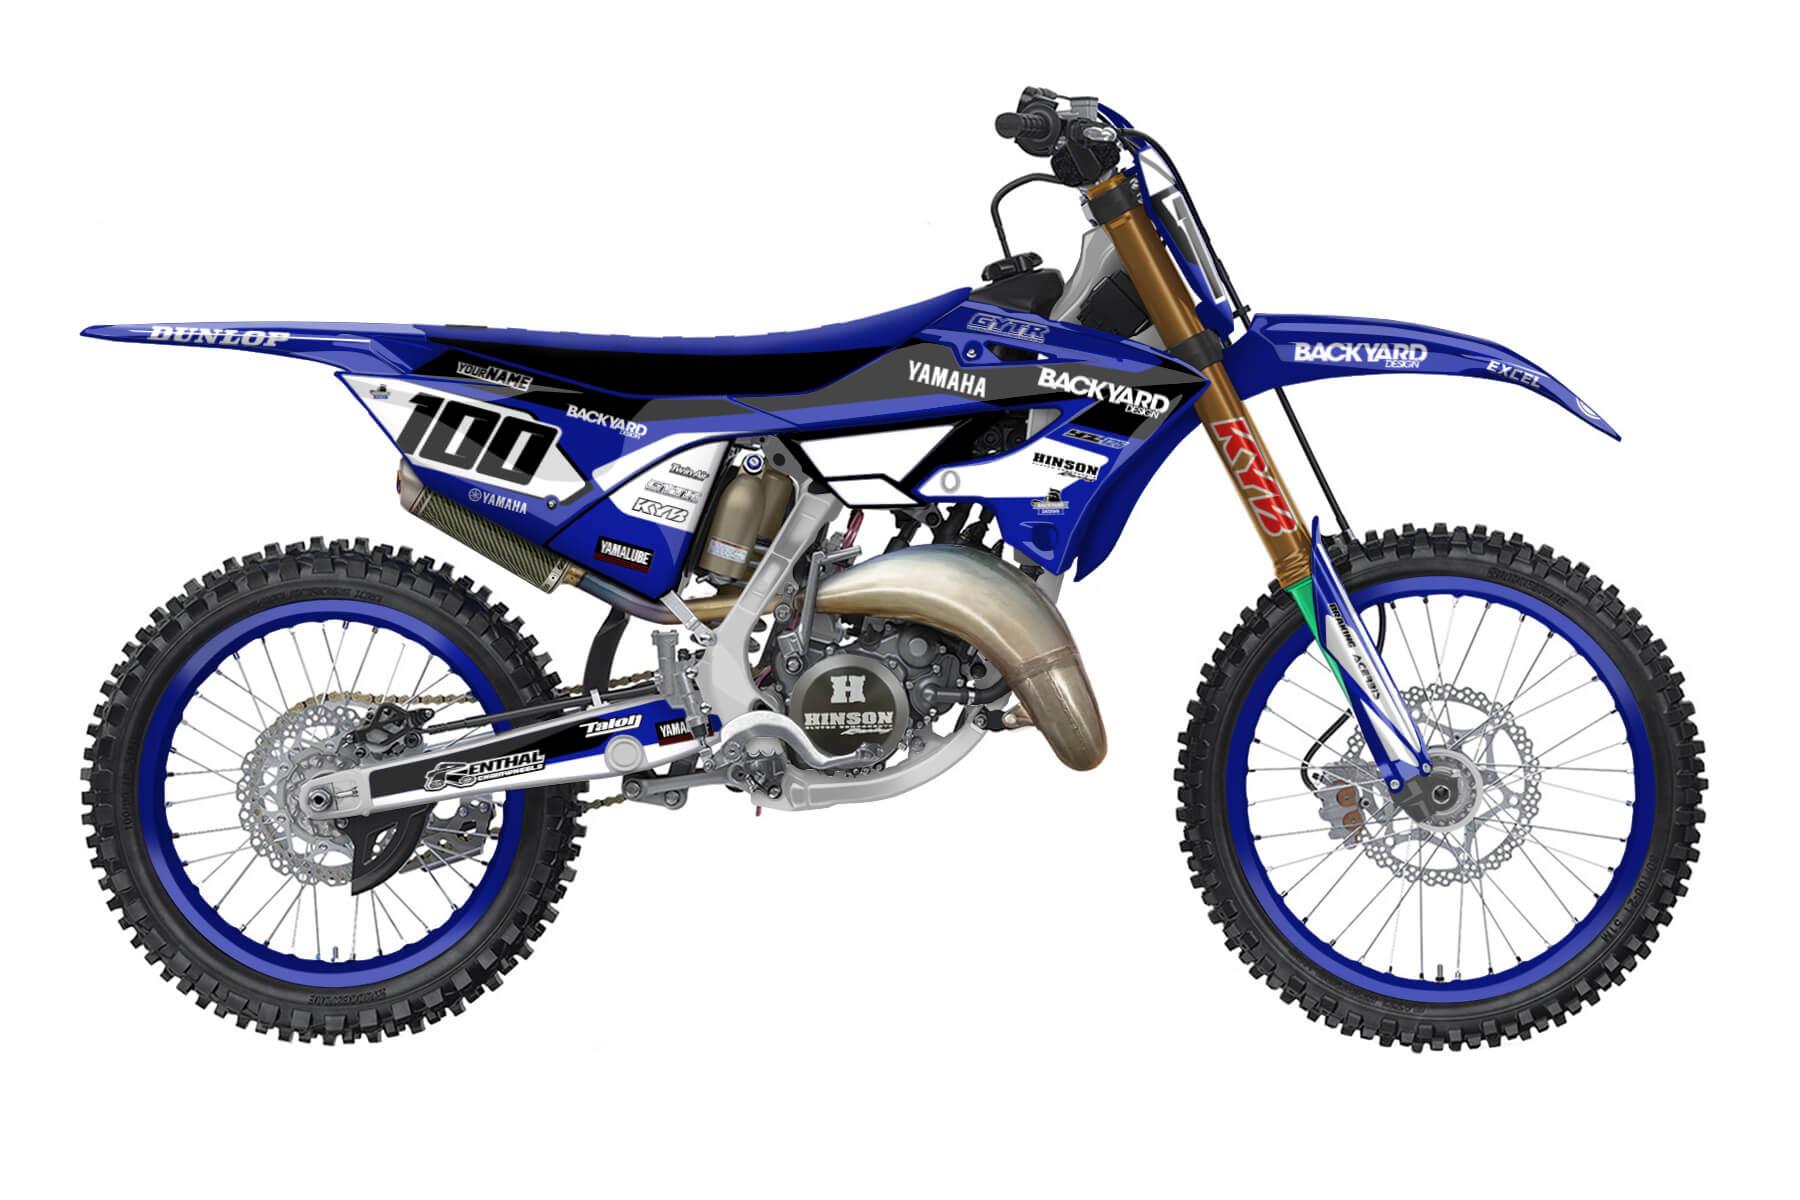 Yamaha YZ 250 - 2022 - Backyard Design - Mx Dekor - Prime Pro